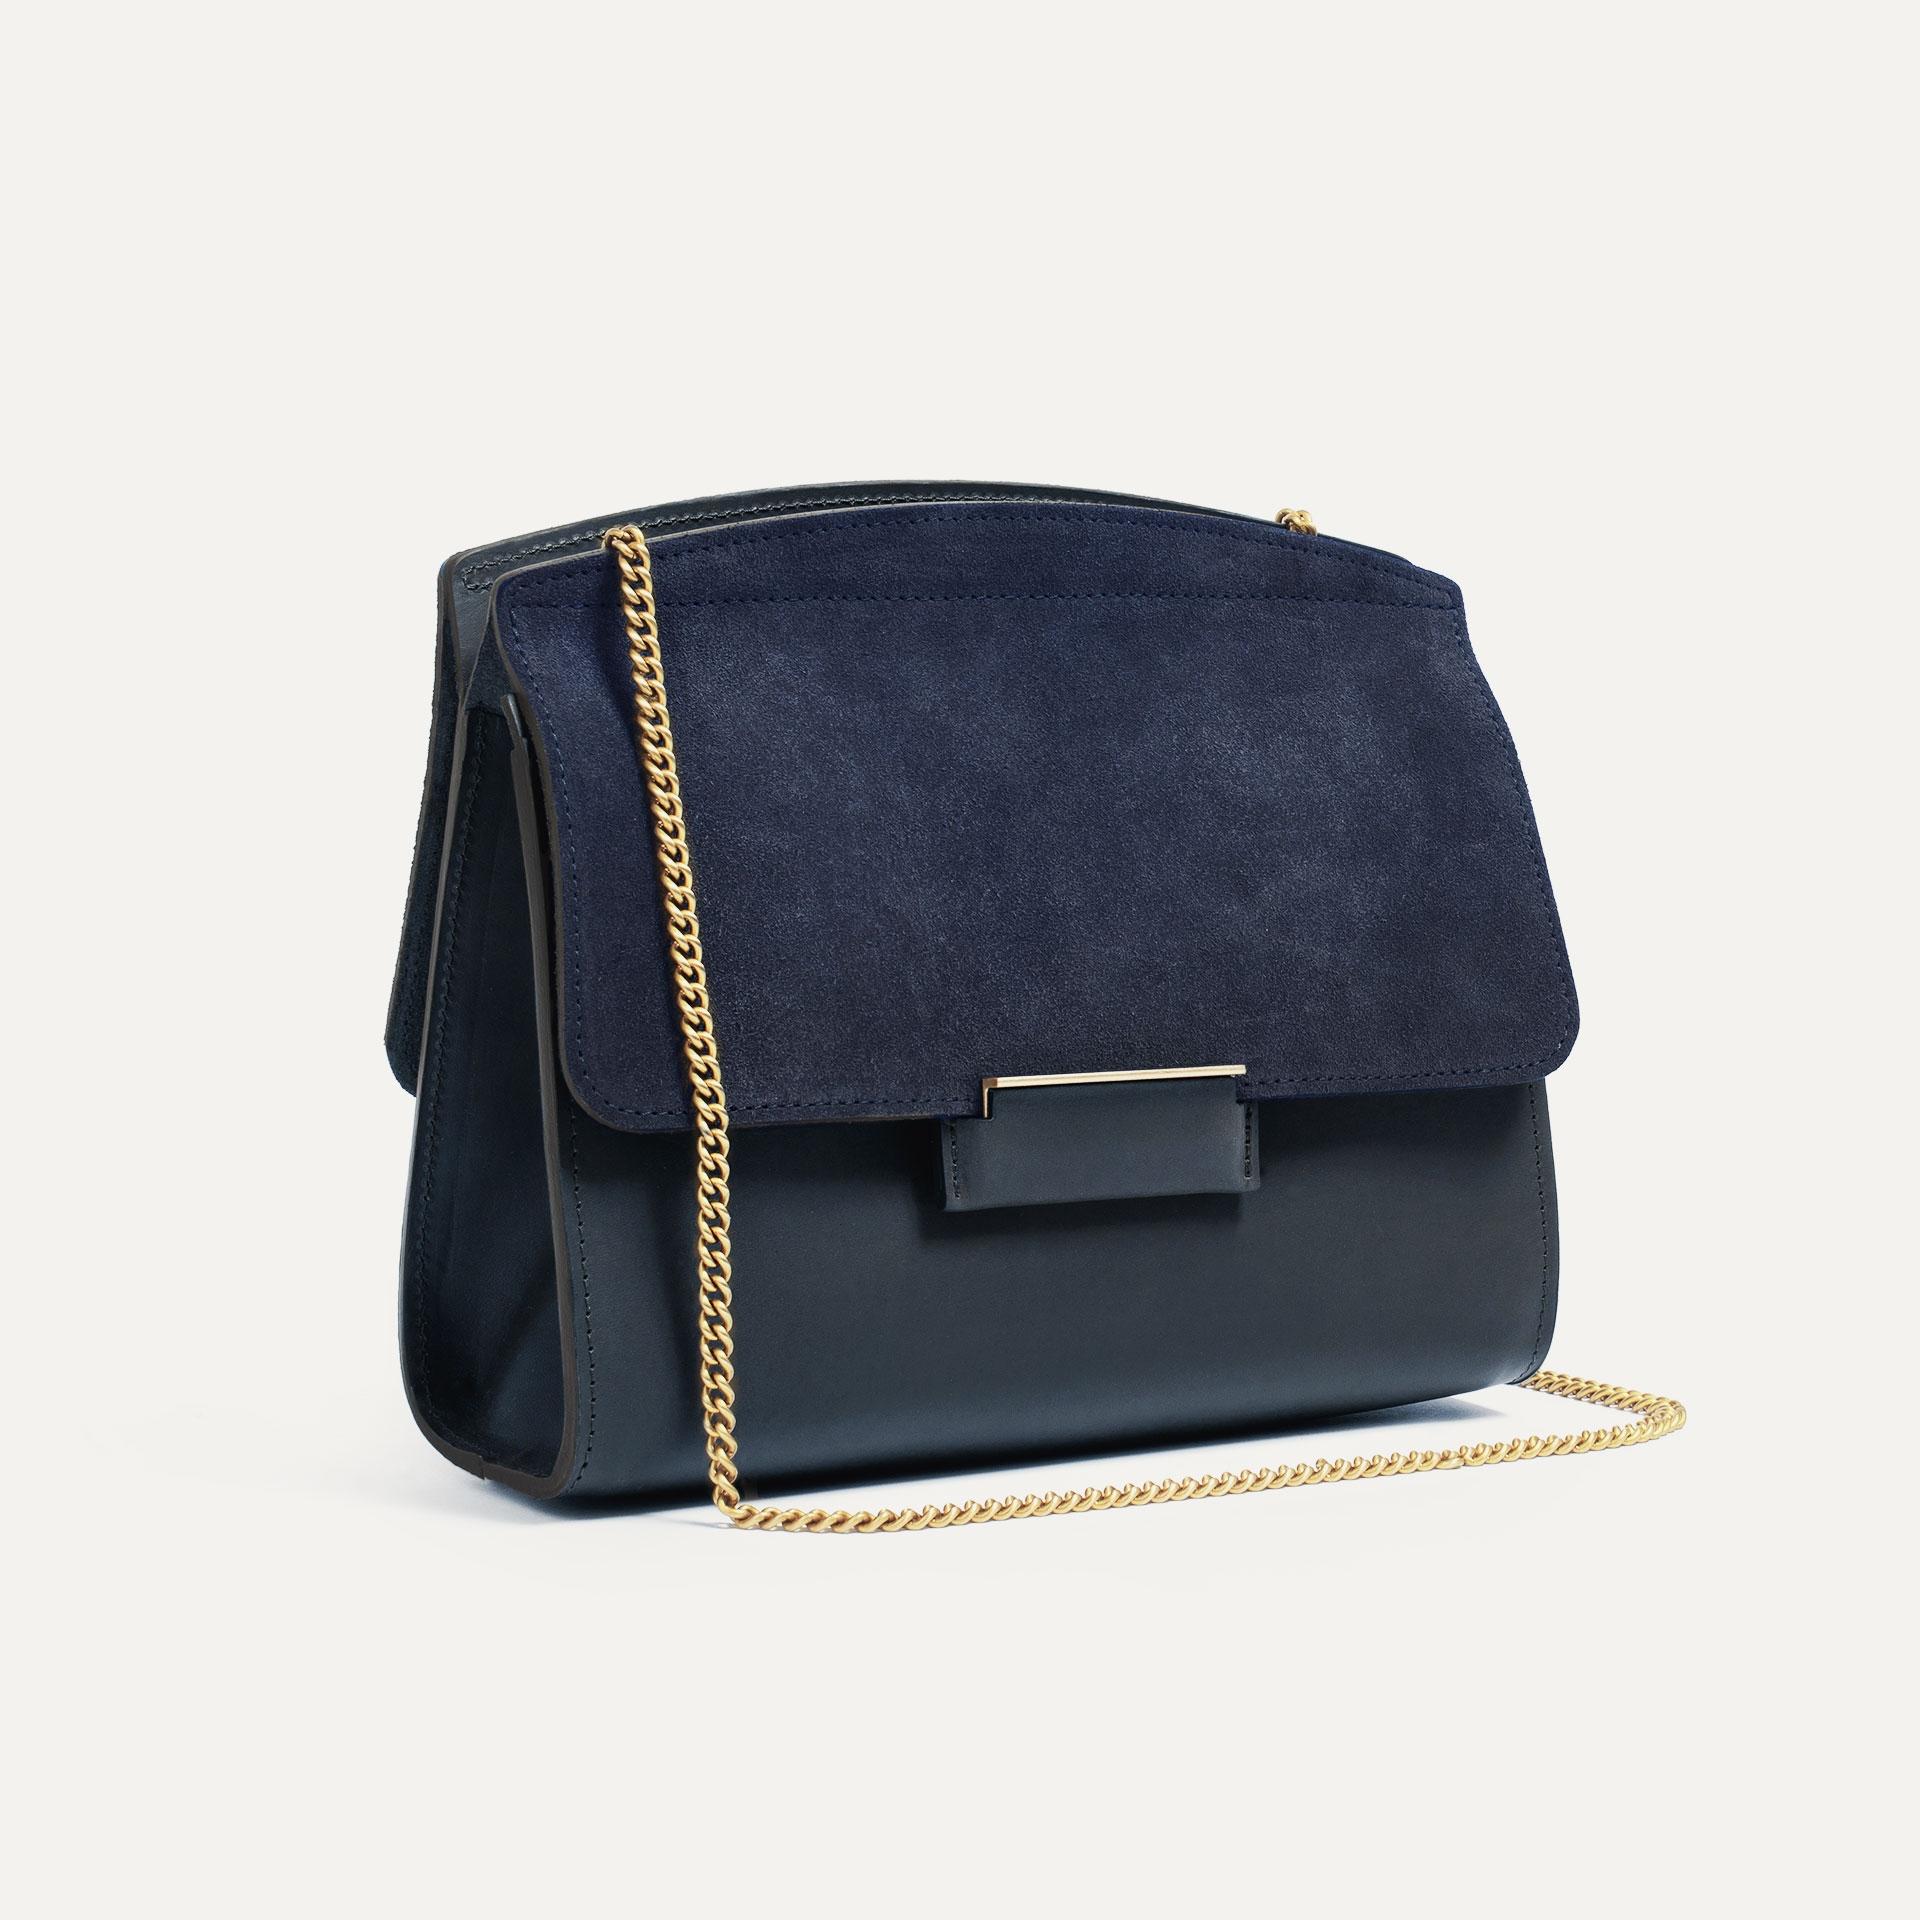 Origami S clutch bag - Marine Blue (image n°3)